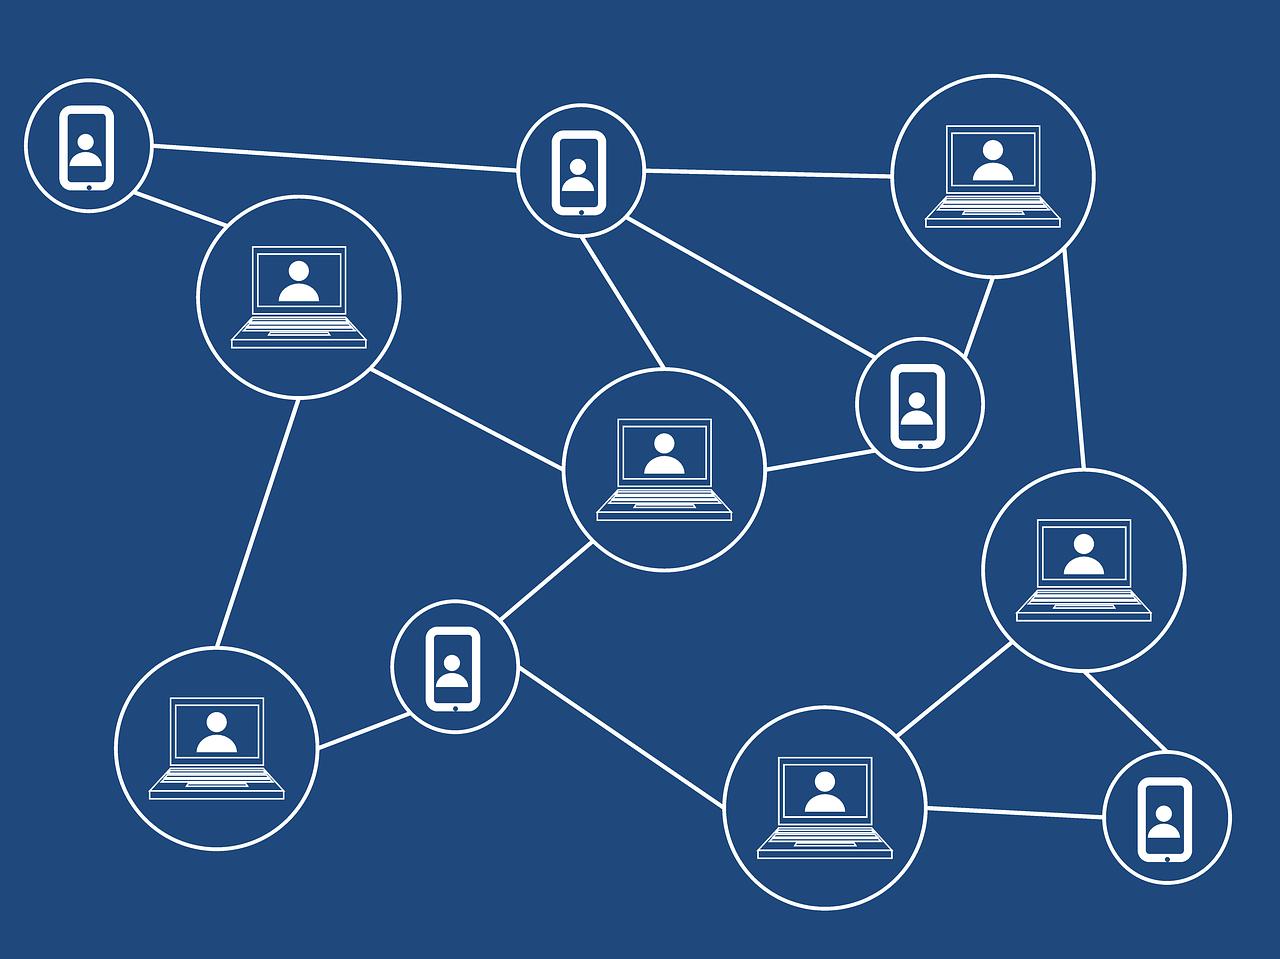 Jak zacząćz kryptowalutami? Warto rozpocząć od wyboru giełdy kryptowalut i założenia konta.